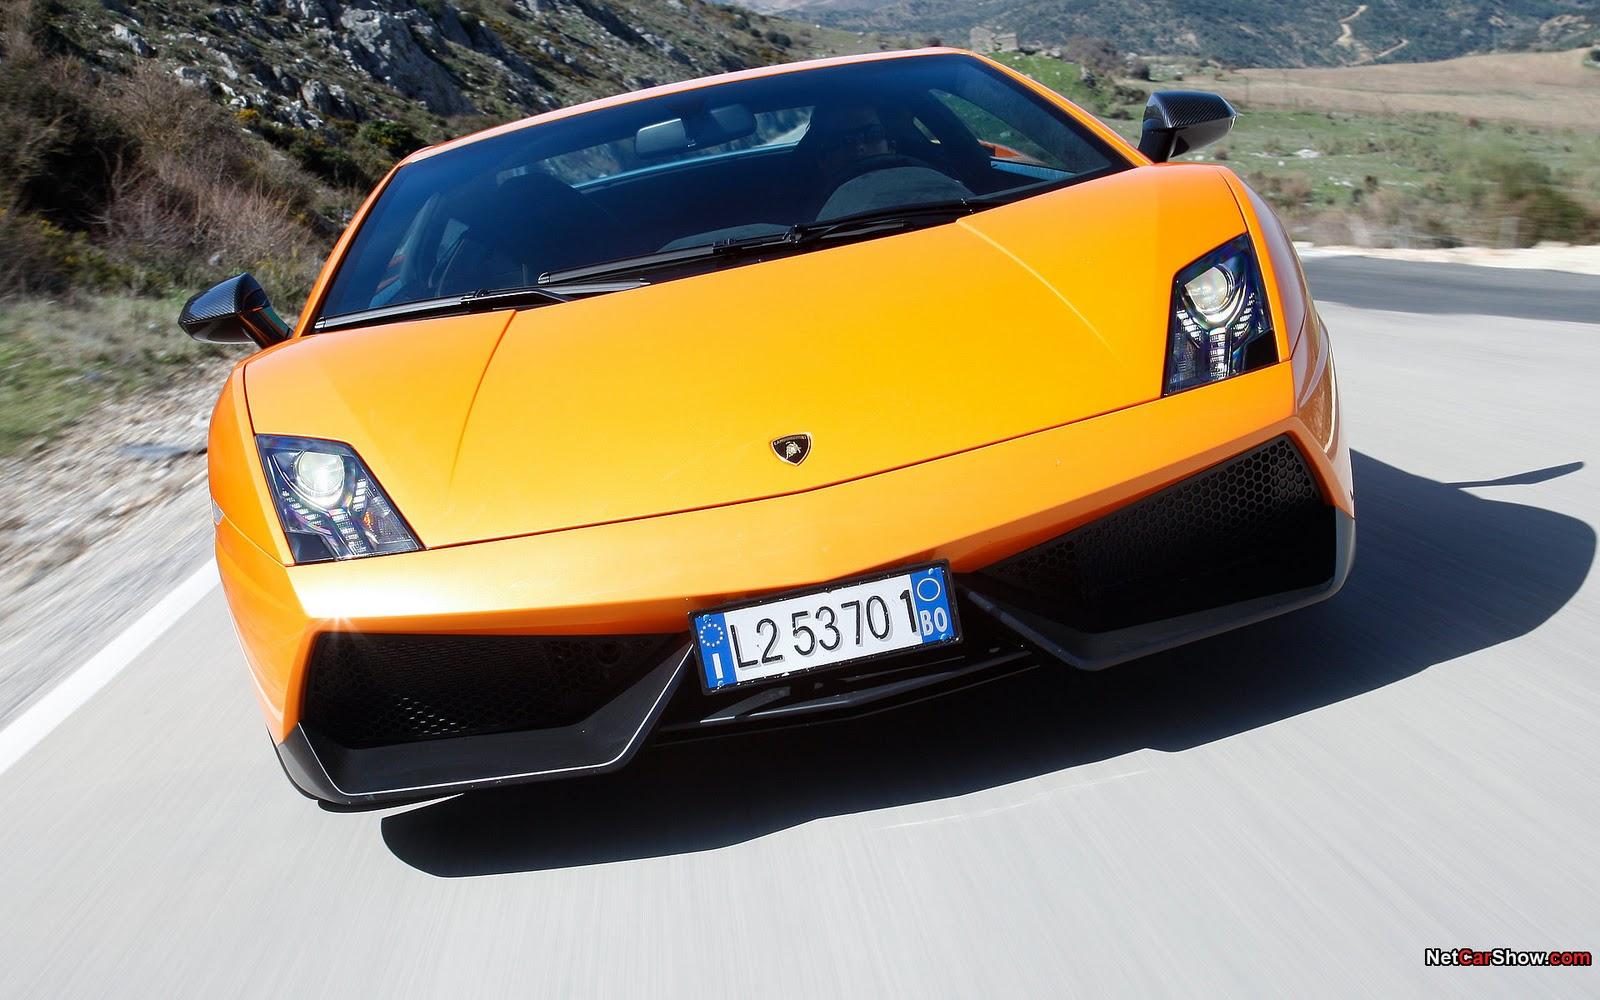 http://4.bp.blogspot.com/_GCAuqodmOE4/TTZMK8InjEI/AAAAAAAAHKc/7VcruAW0lLM/s1600/Lamborghini%2BGallardo%2BLP570-4%2BSuperleggera%2B2011%2B%2525282%252529.jpg